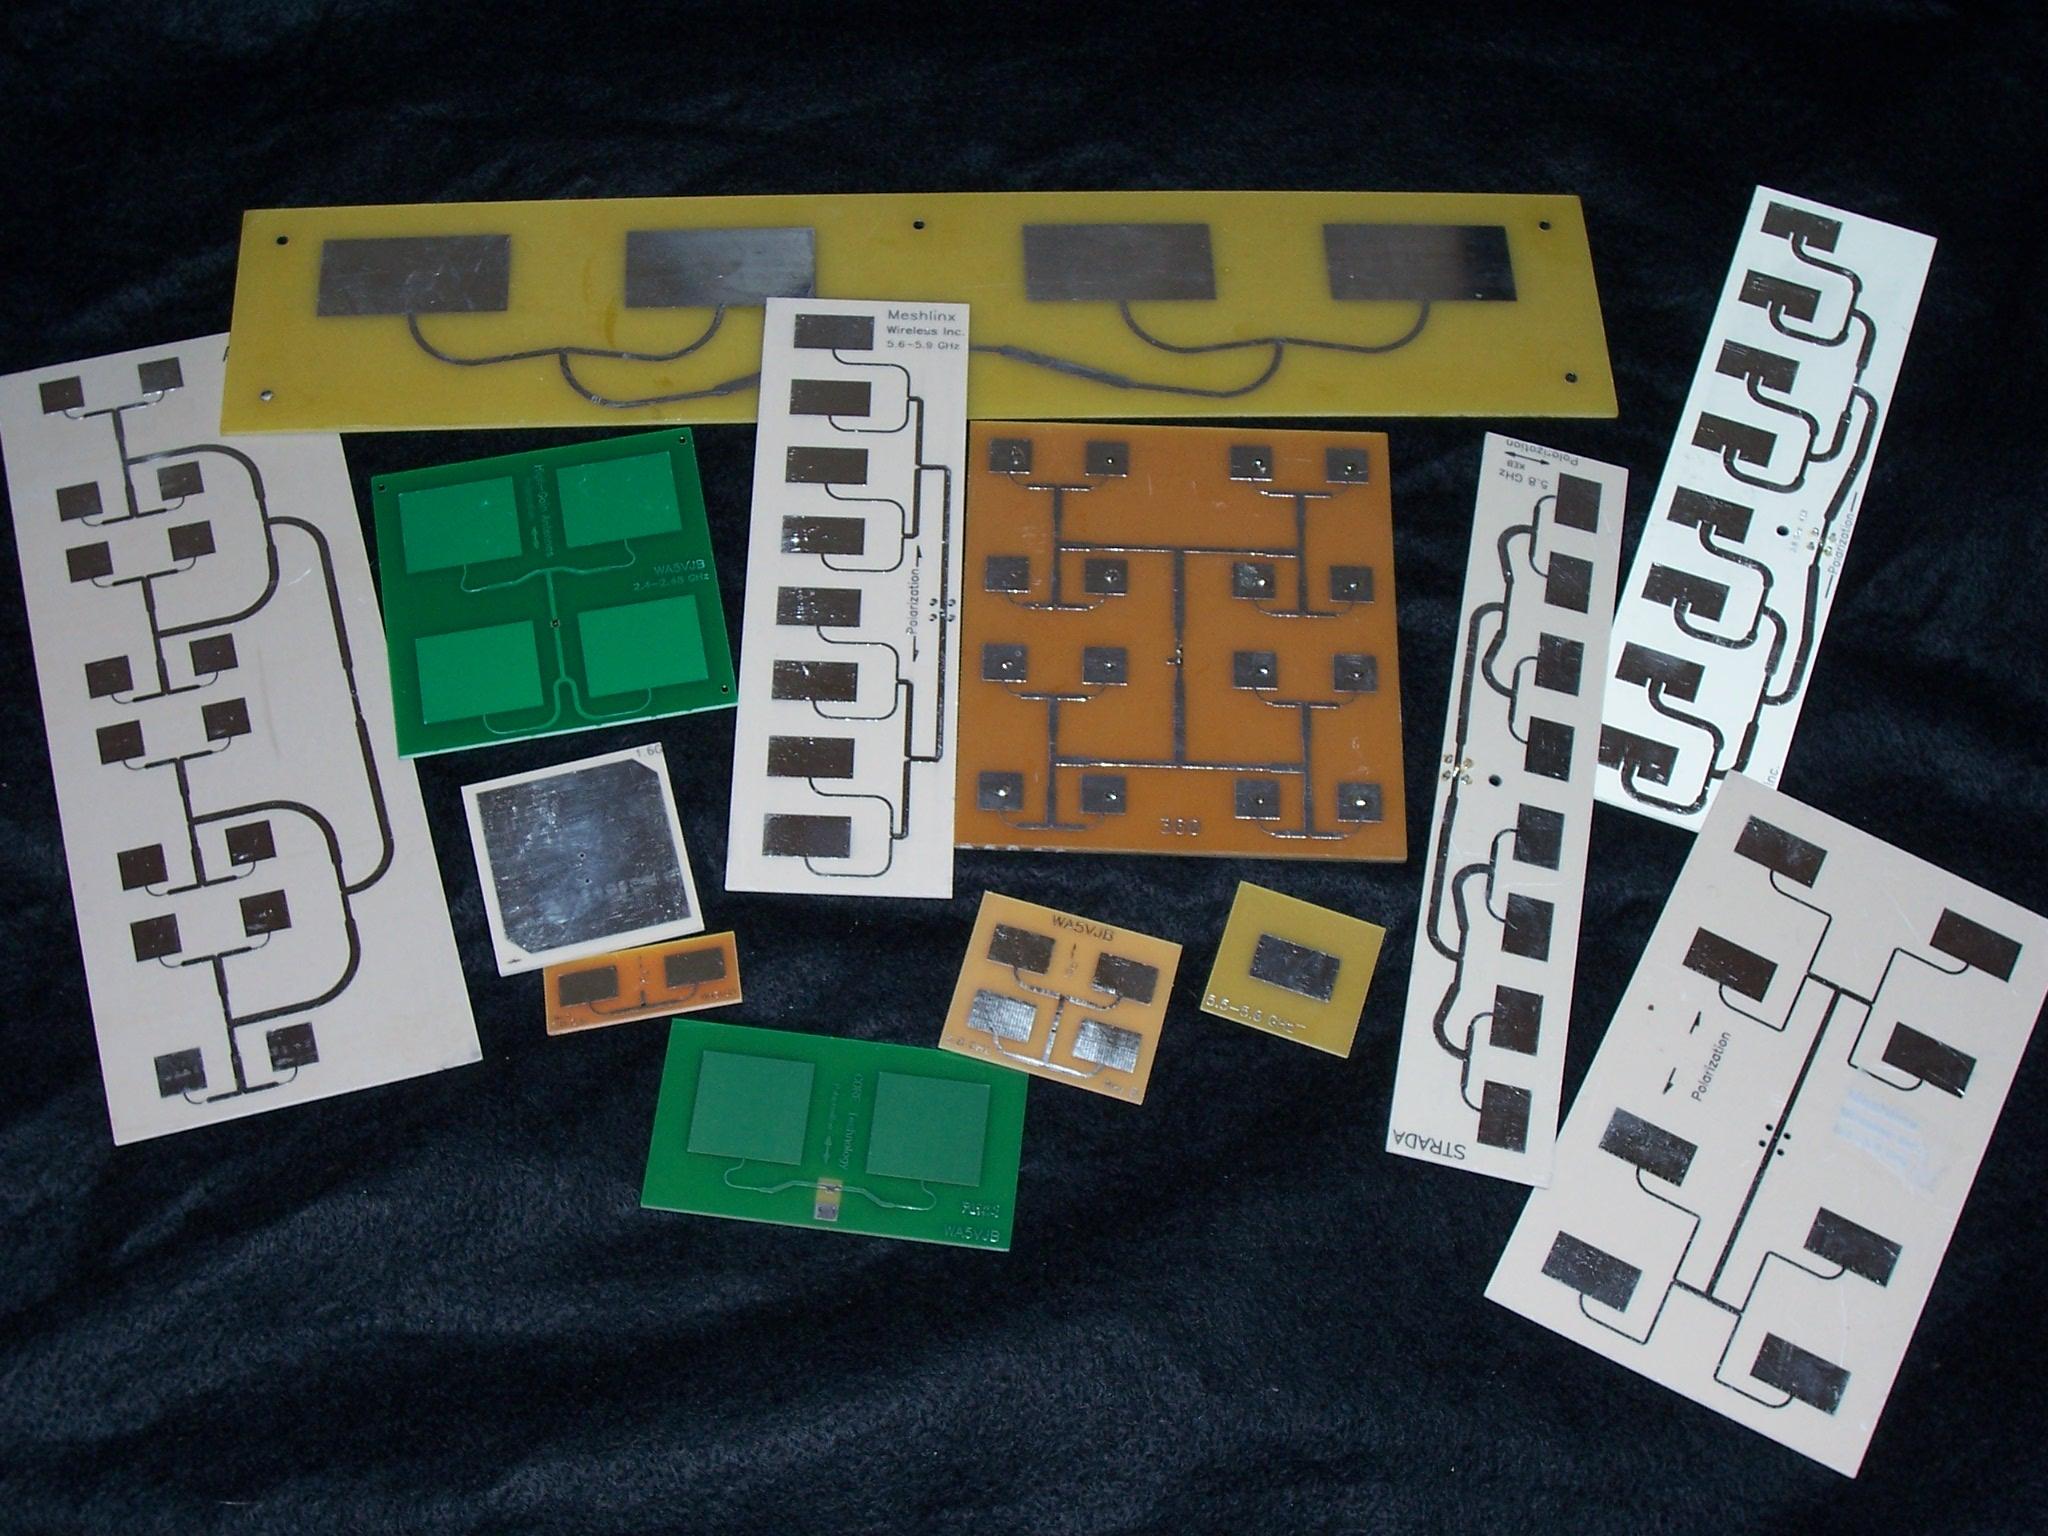 Custom Circuit Design